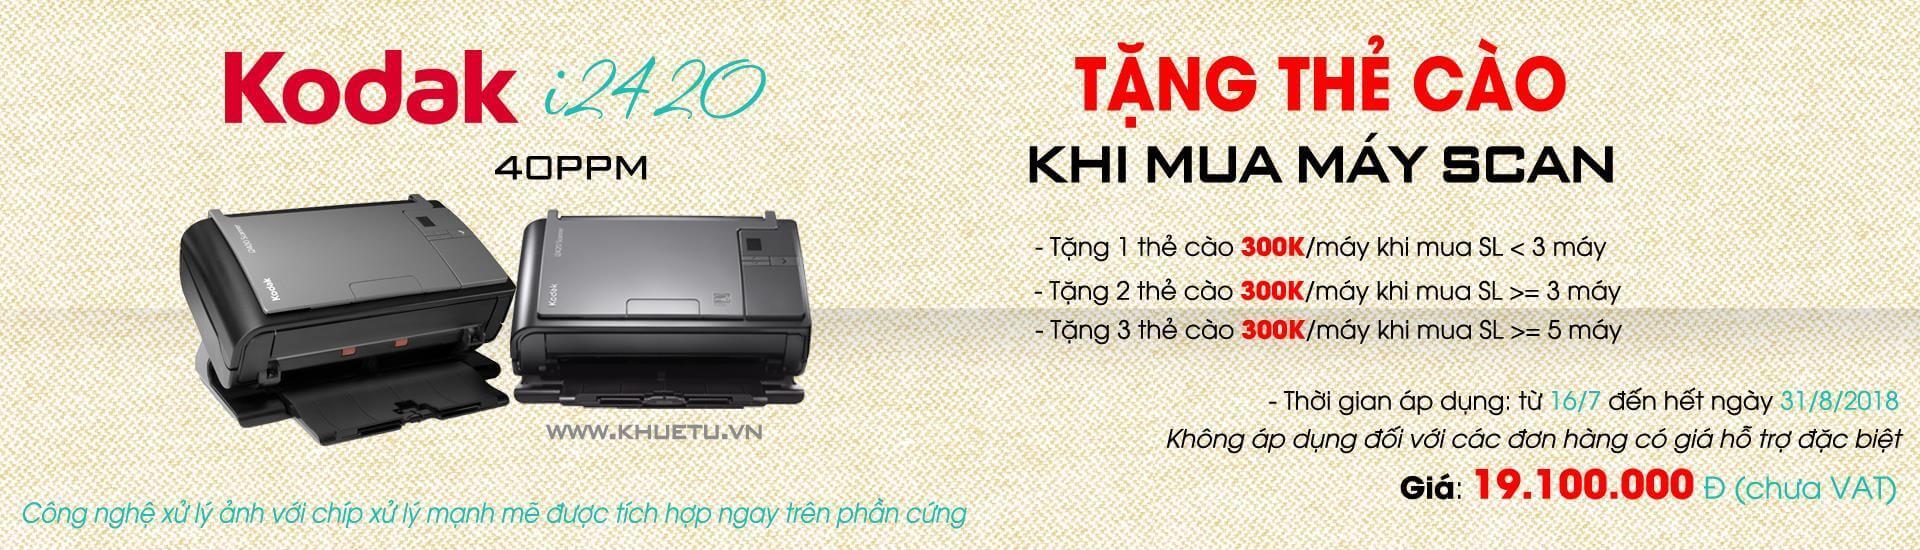 Kodak - Khuyến mãi tặng thẻ cào 300K khi mua máy scan Kodak i2420 tại Khuê Tú